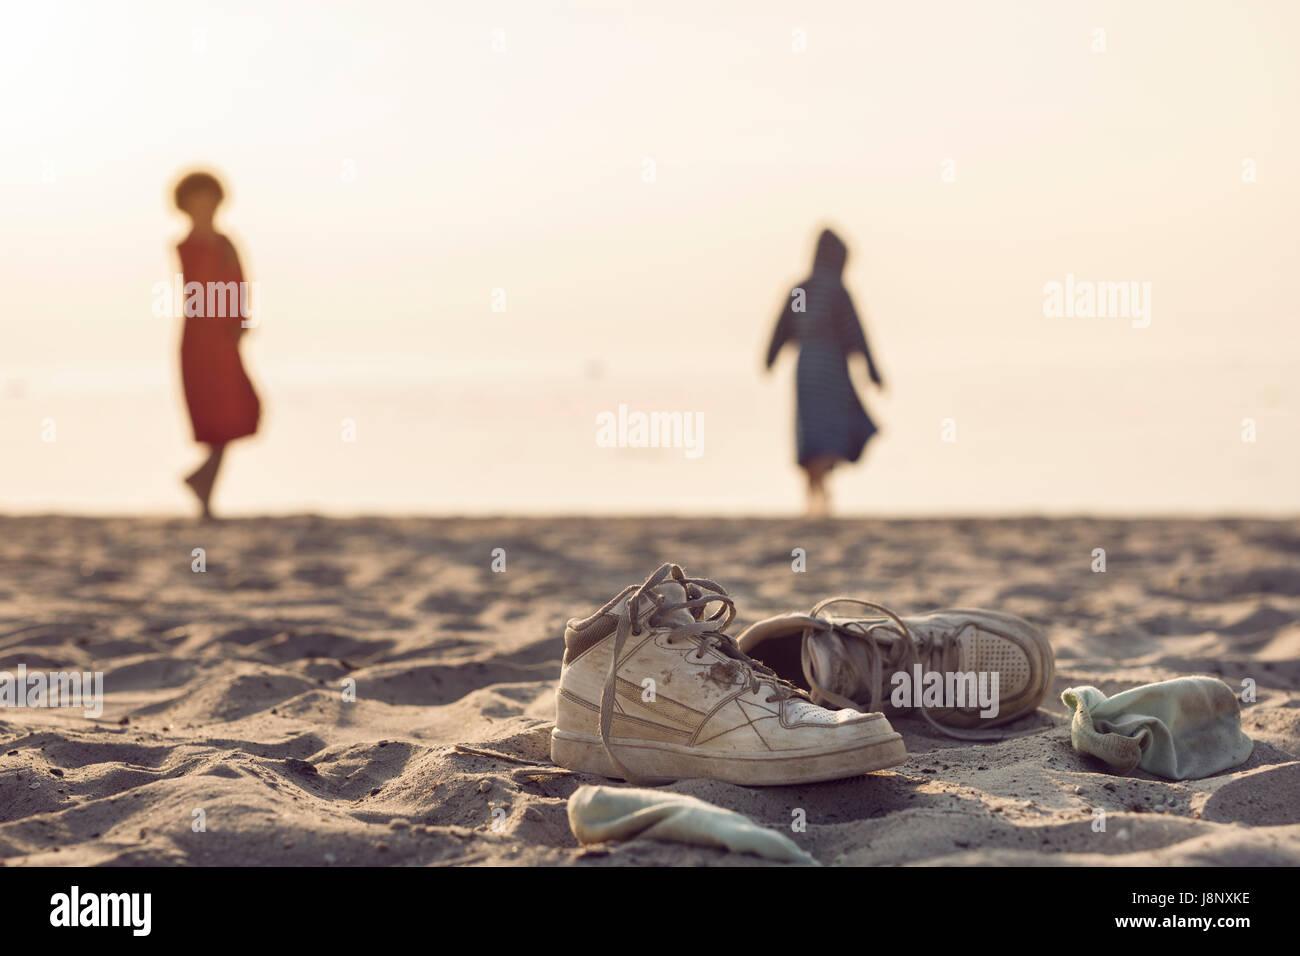 Zwei Frauen am Strand, Schuhe im Vordergrund stehen Stockfoto